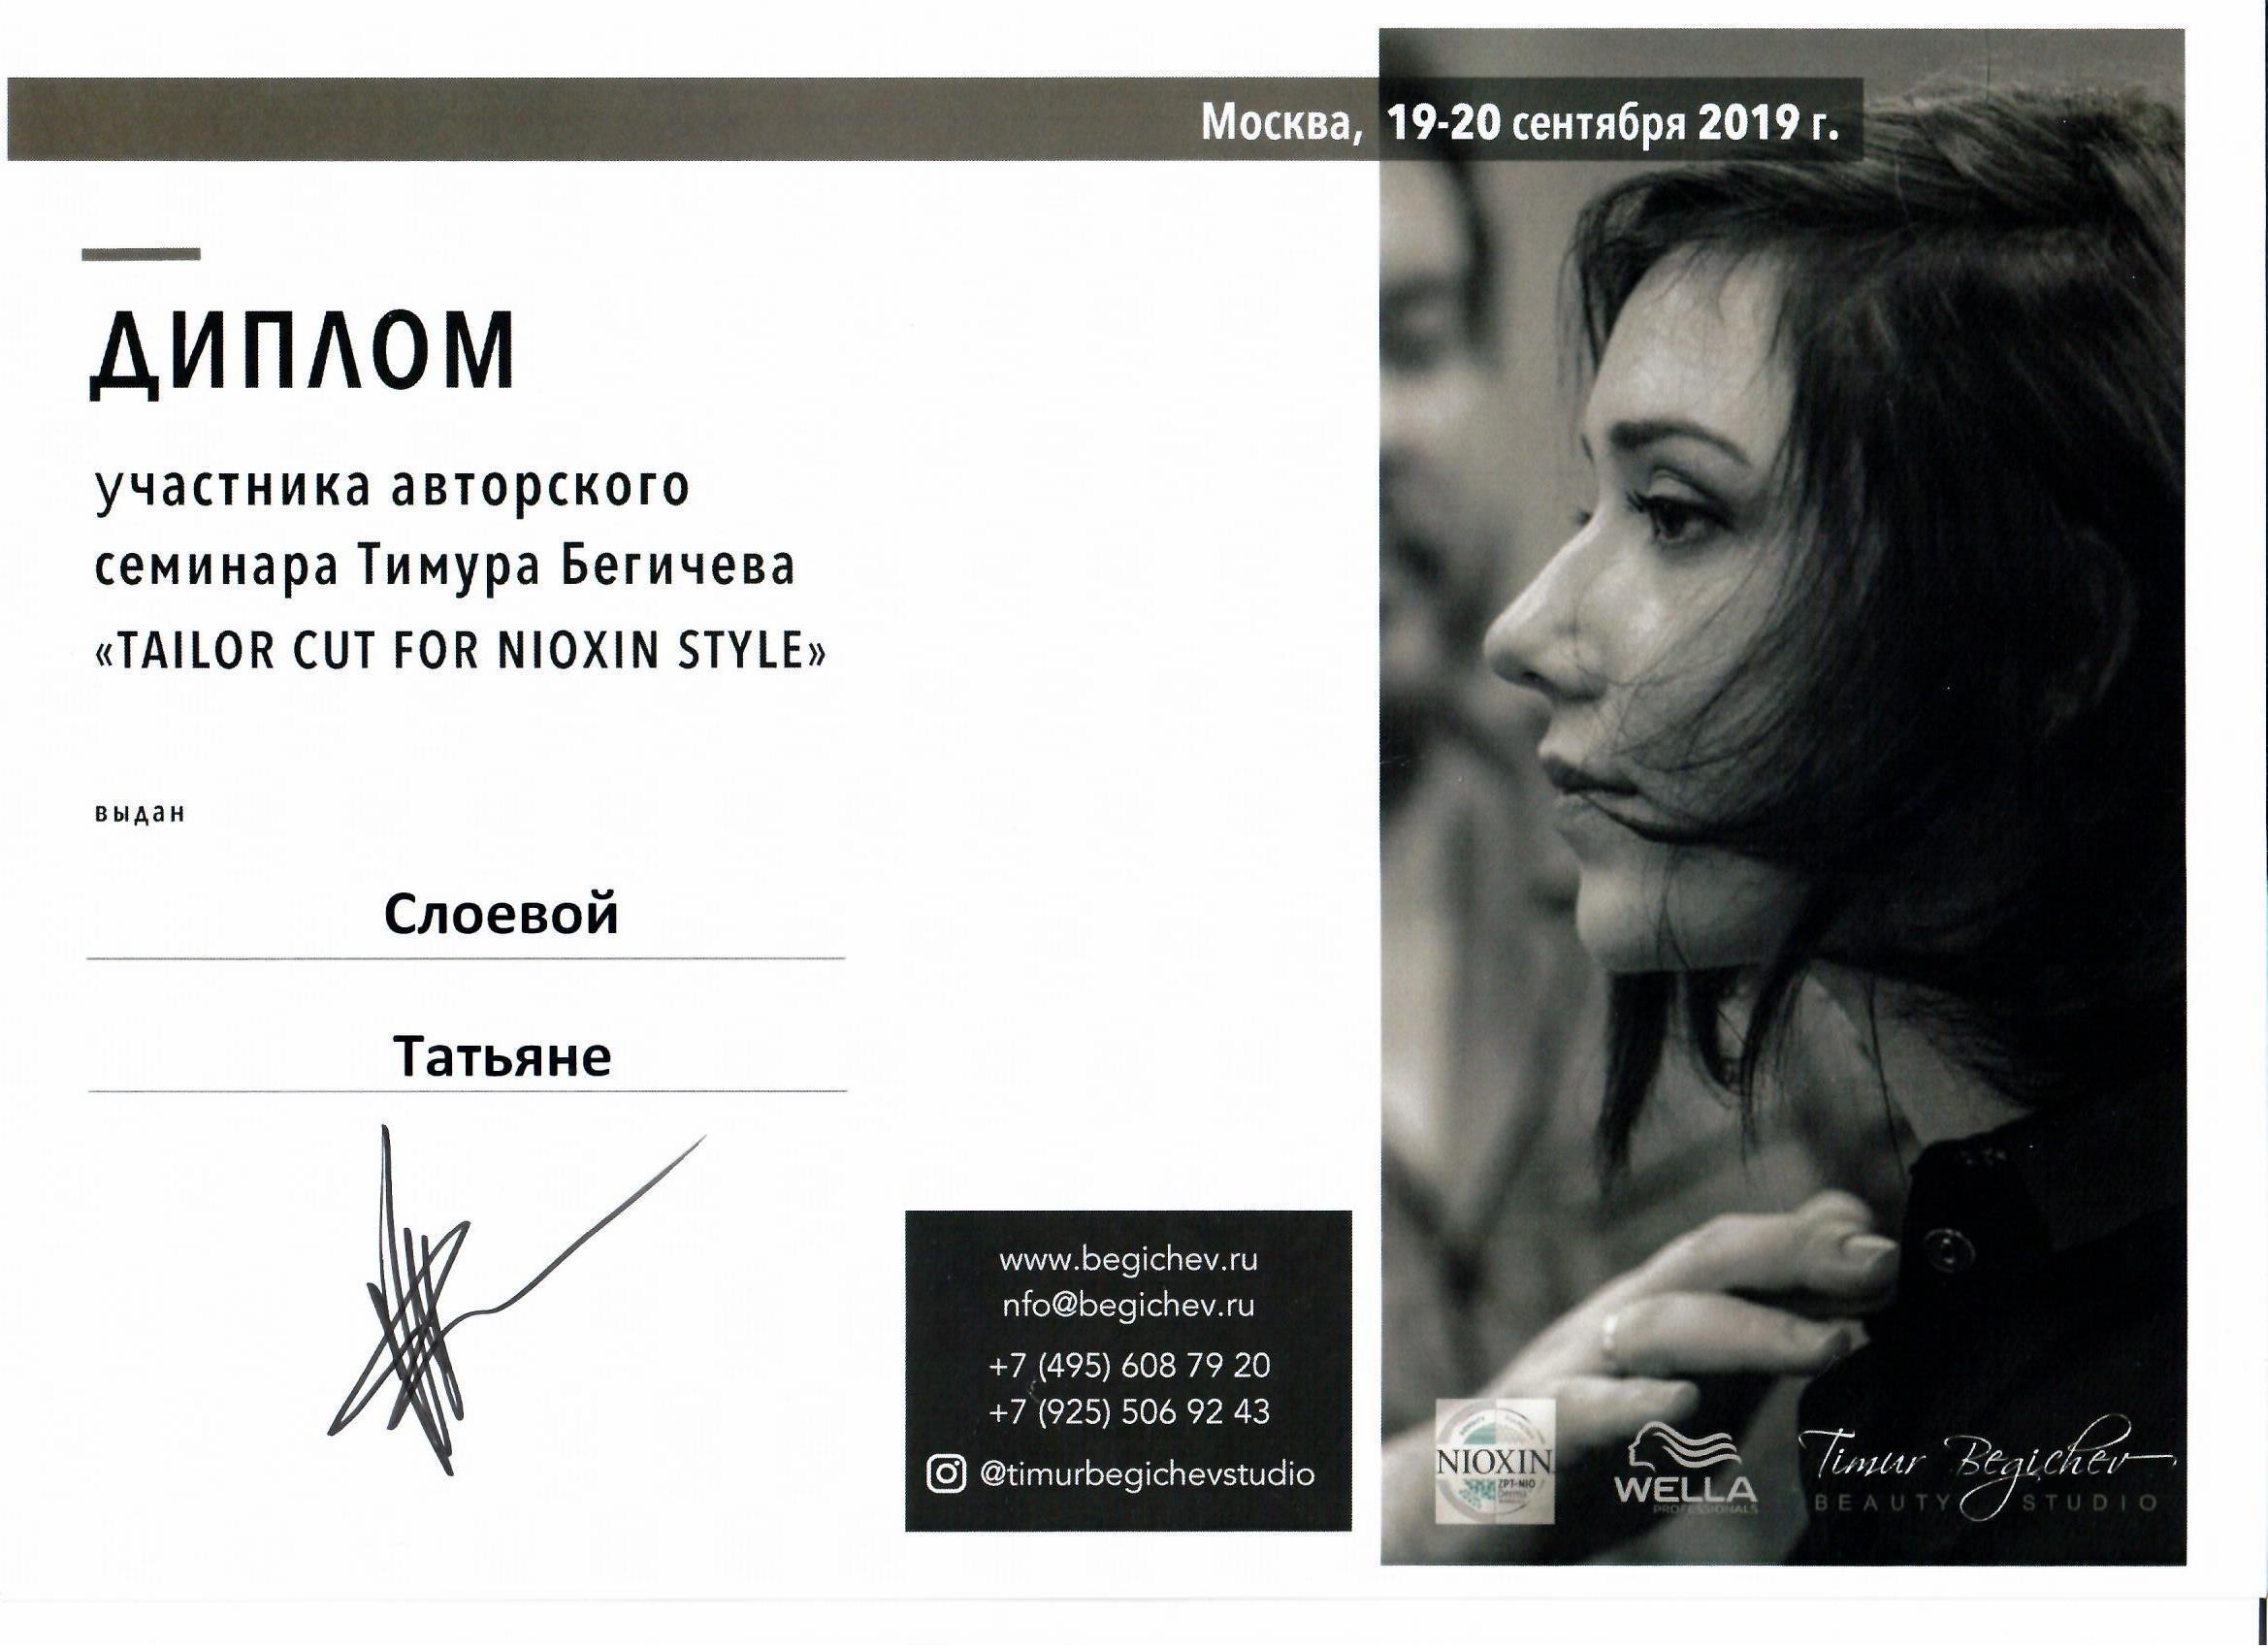 2019 авторский семинар Тимура Бегичева